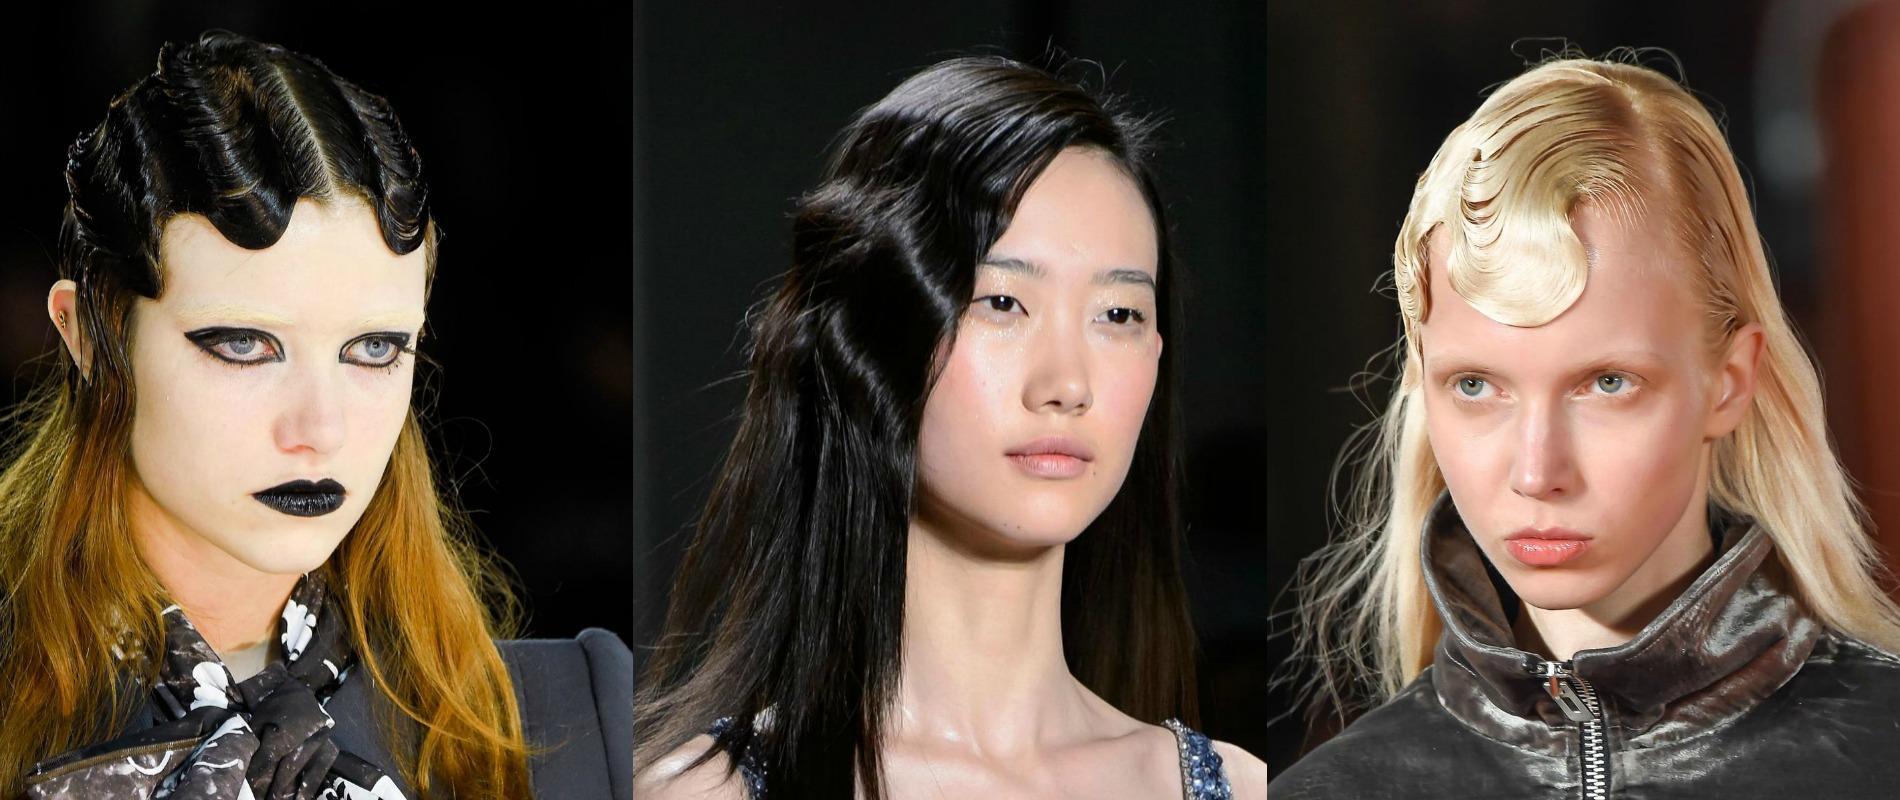 effet gaufré versus cranté : quand les cheveux misent sur la boucle